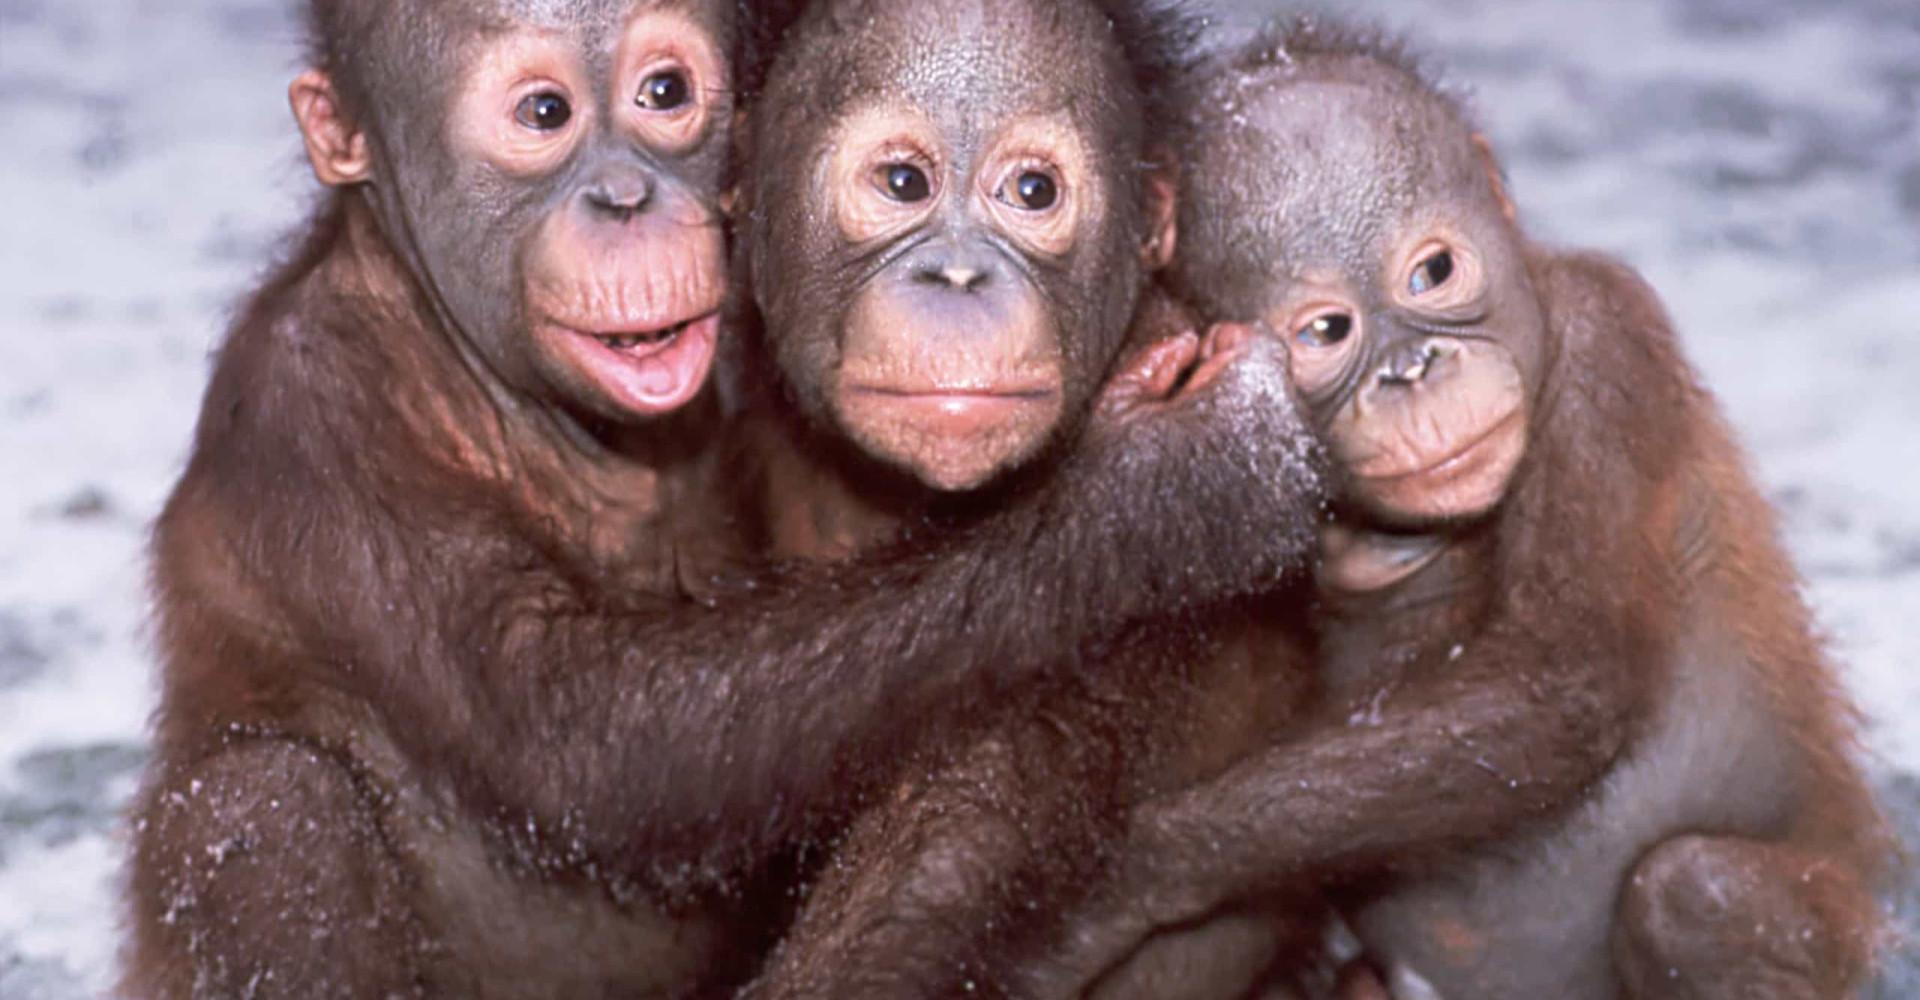 Broodje aap: veelvoorkomende misvattingen over dieren